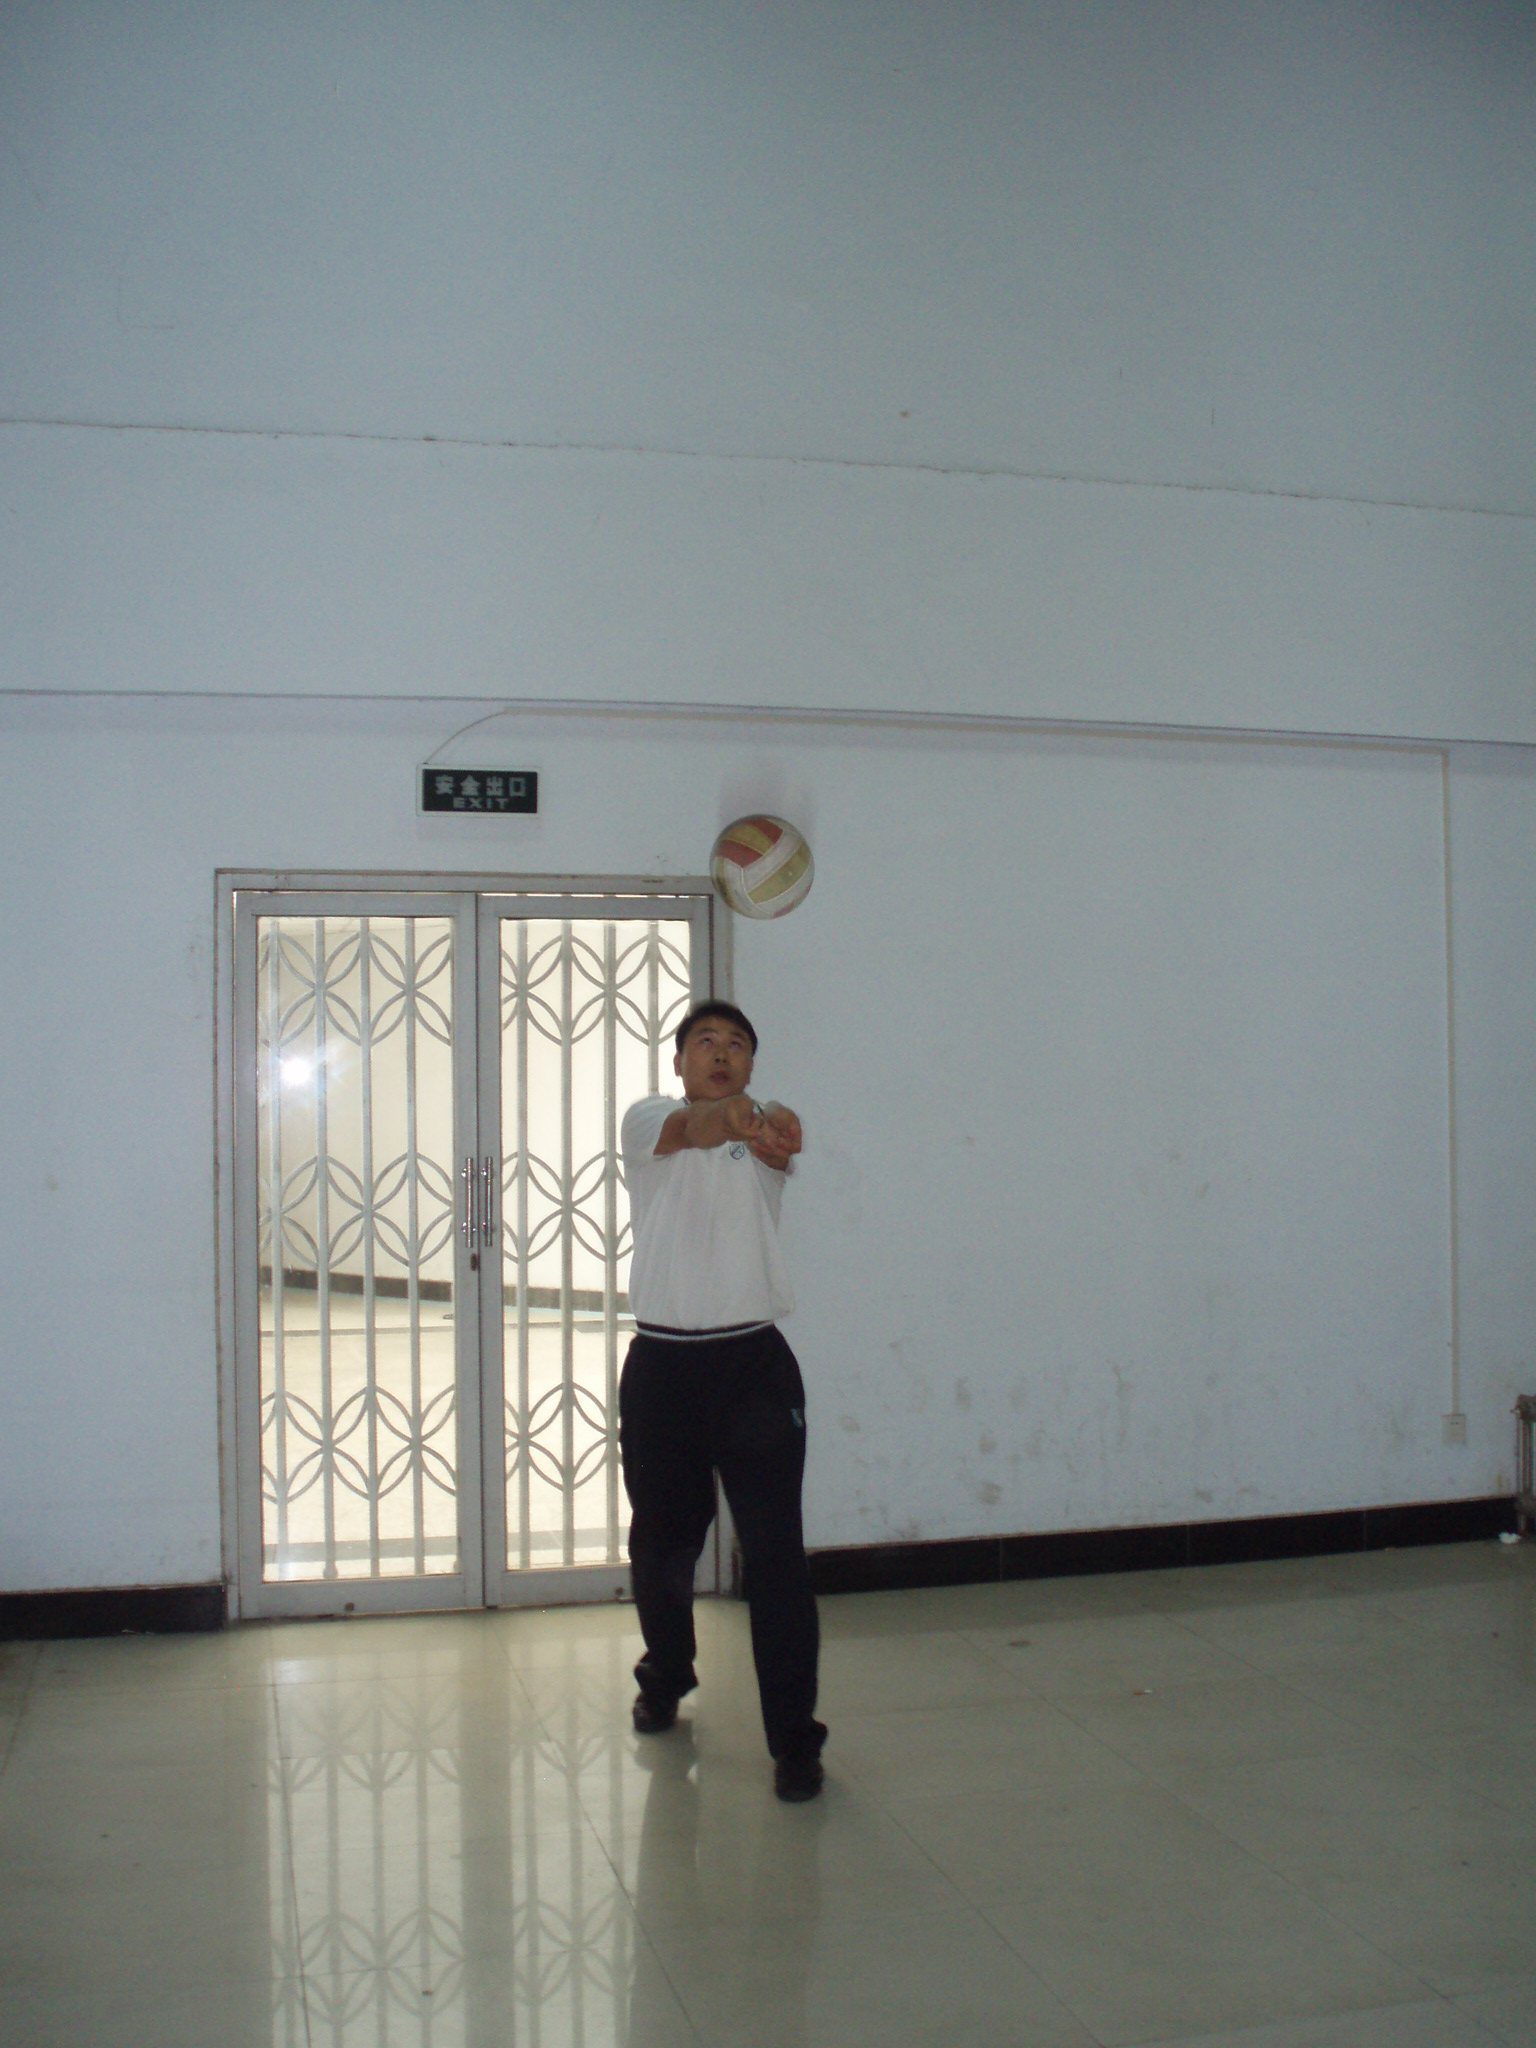 教学技能 排球双手正面垫球 郑州市第五届县 市 农村中小学高清图片